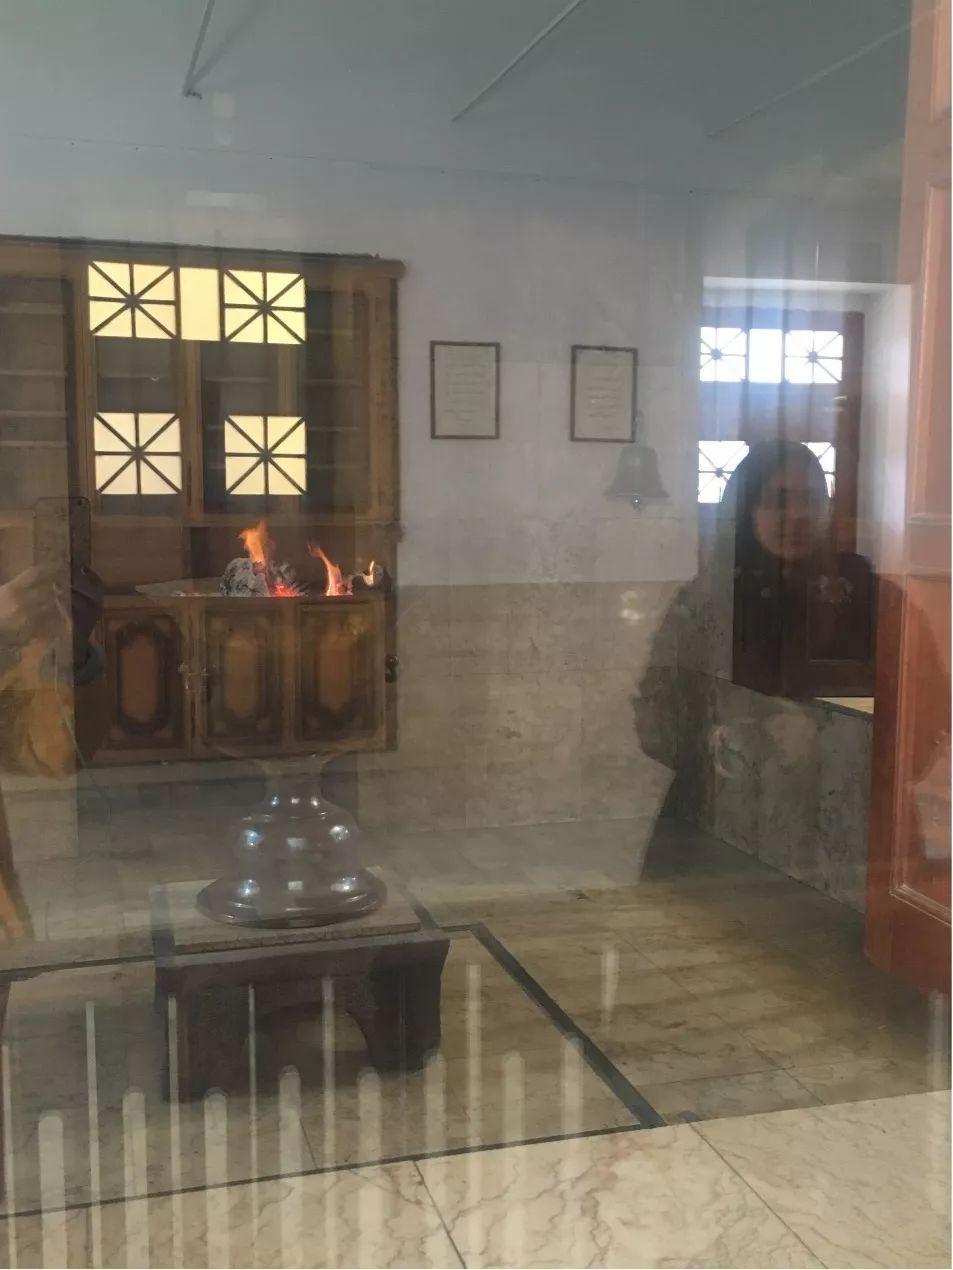 拉铺e�_旅游 正文  拜火教总坛,该建筑上的人形飞鸟标志为拜火教主神阿胡拉